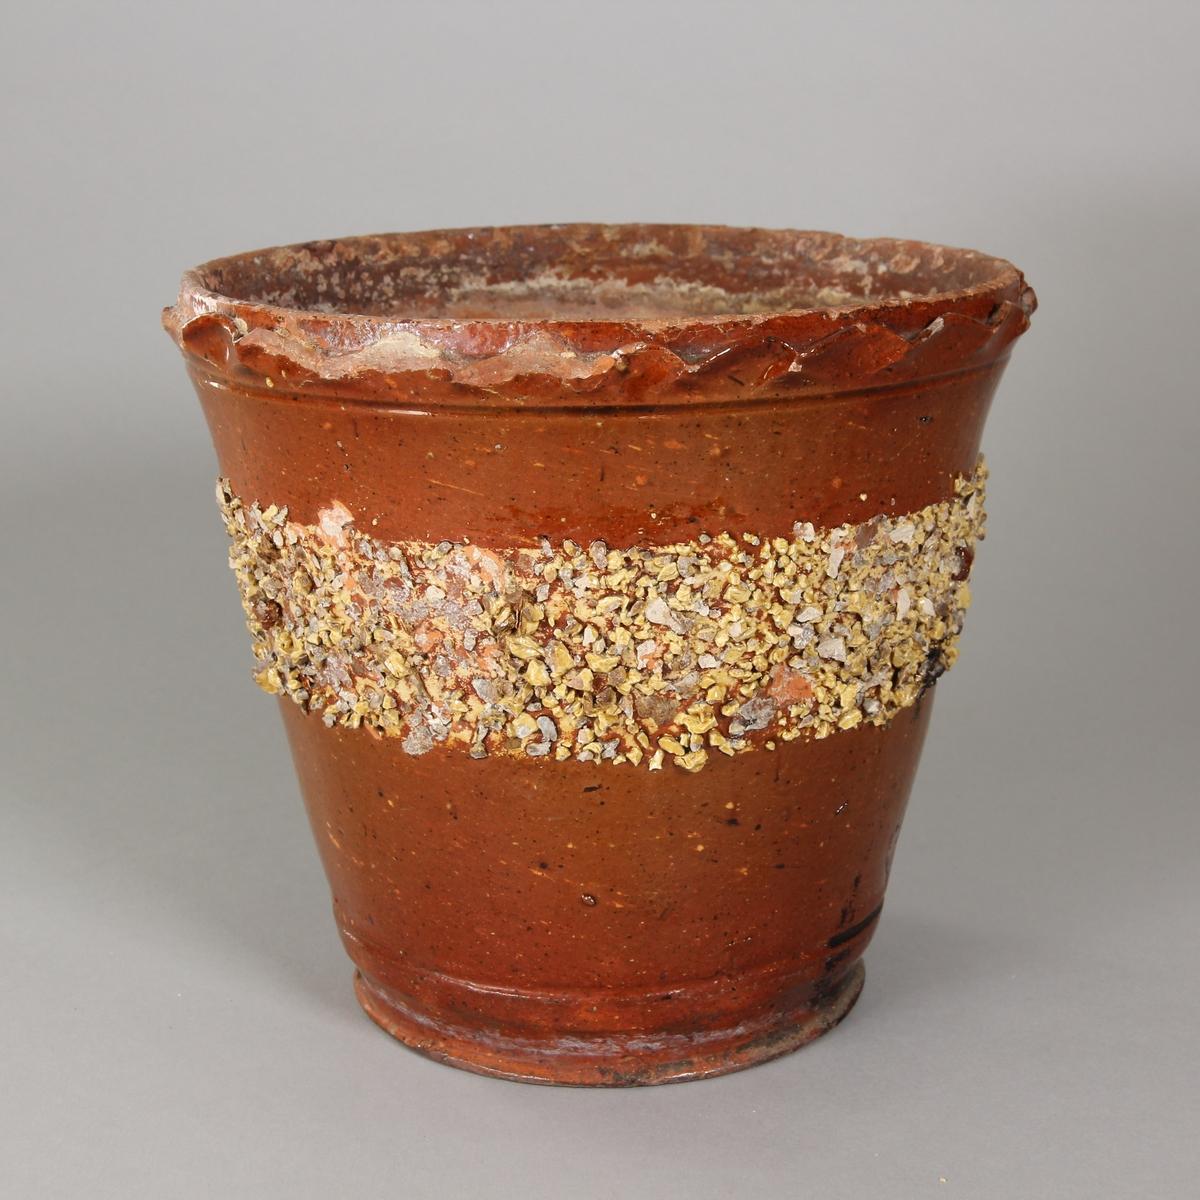 Blomkruka av brunglaserat lergods. Profilerad kant vid mynningen. Bård av brun och vit krukskärv.